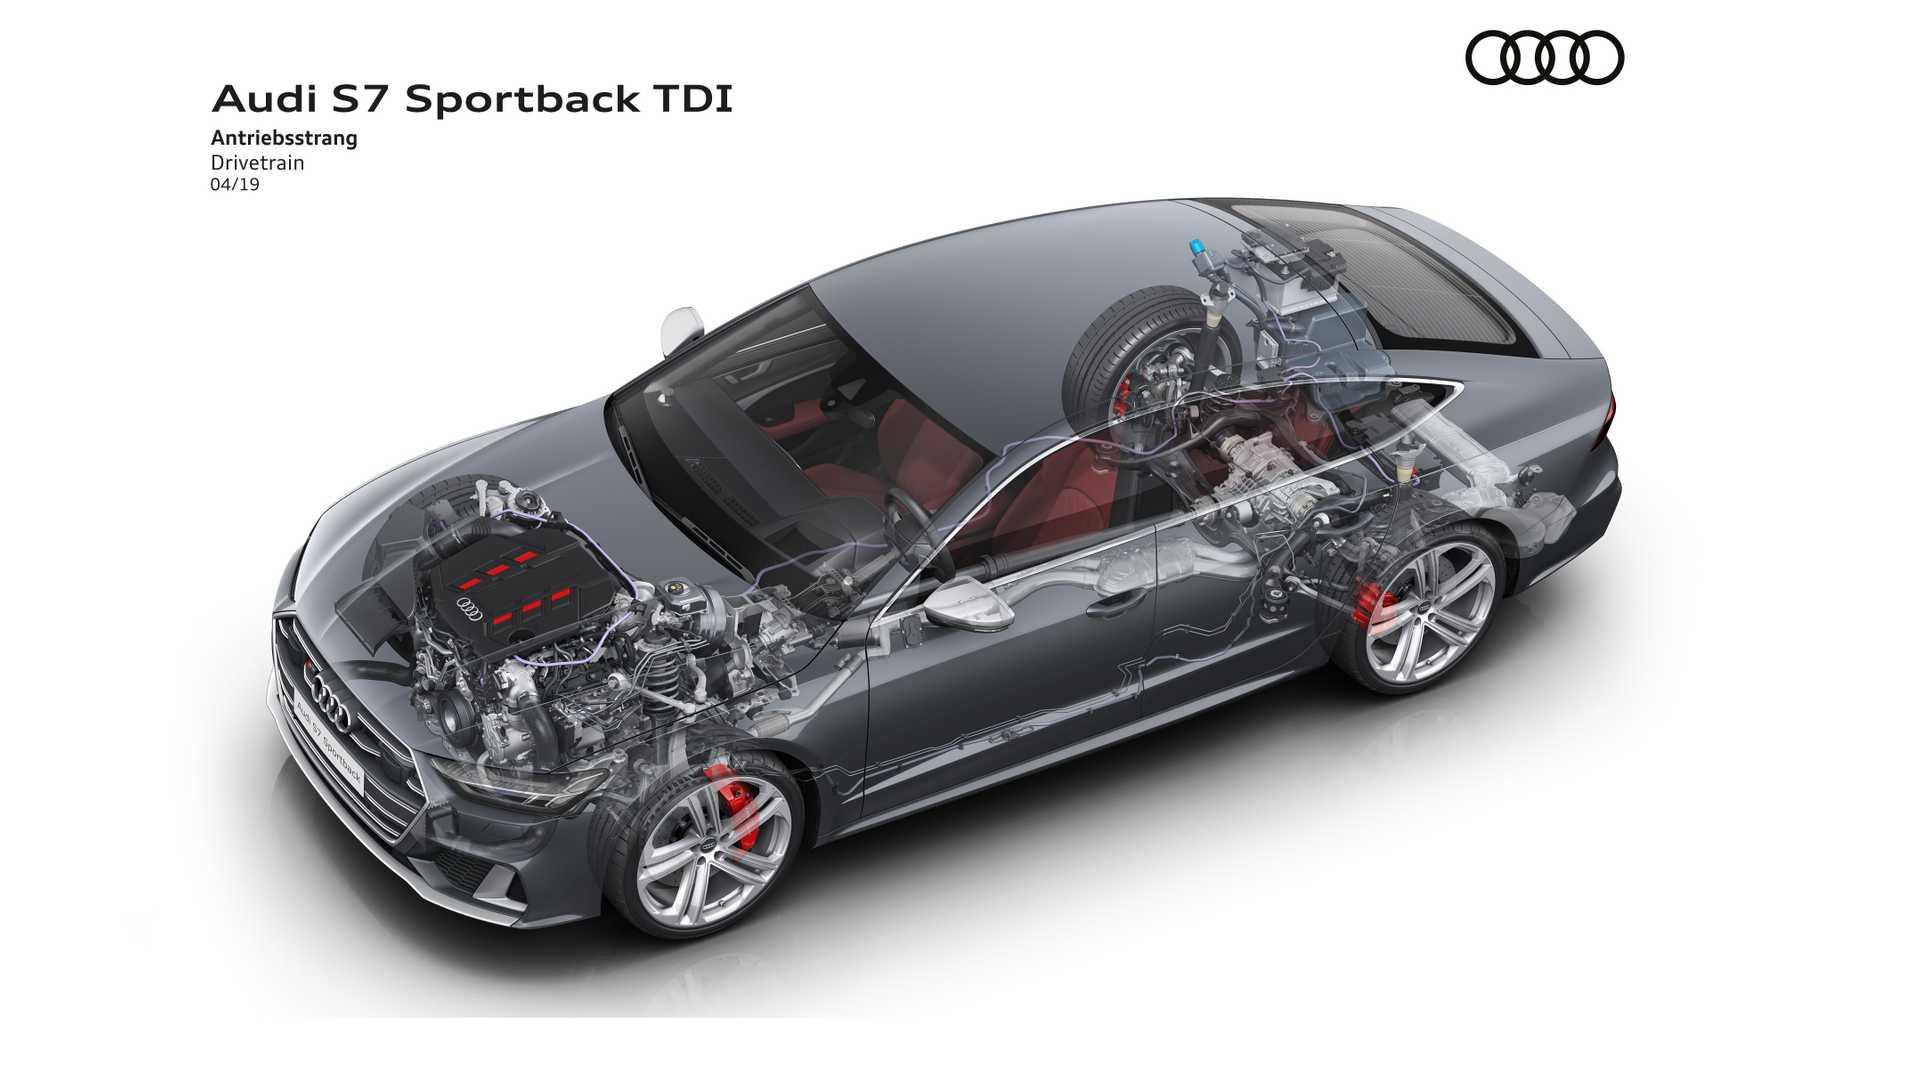 2020-audi-s7-sportback-tdi (10).jpg